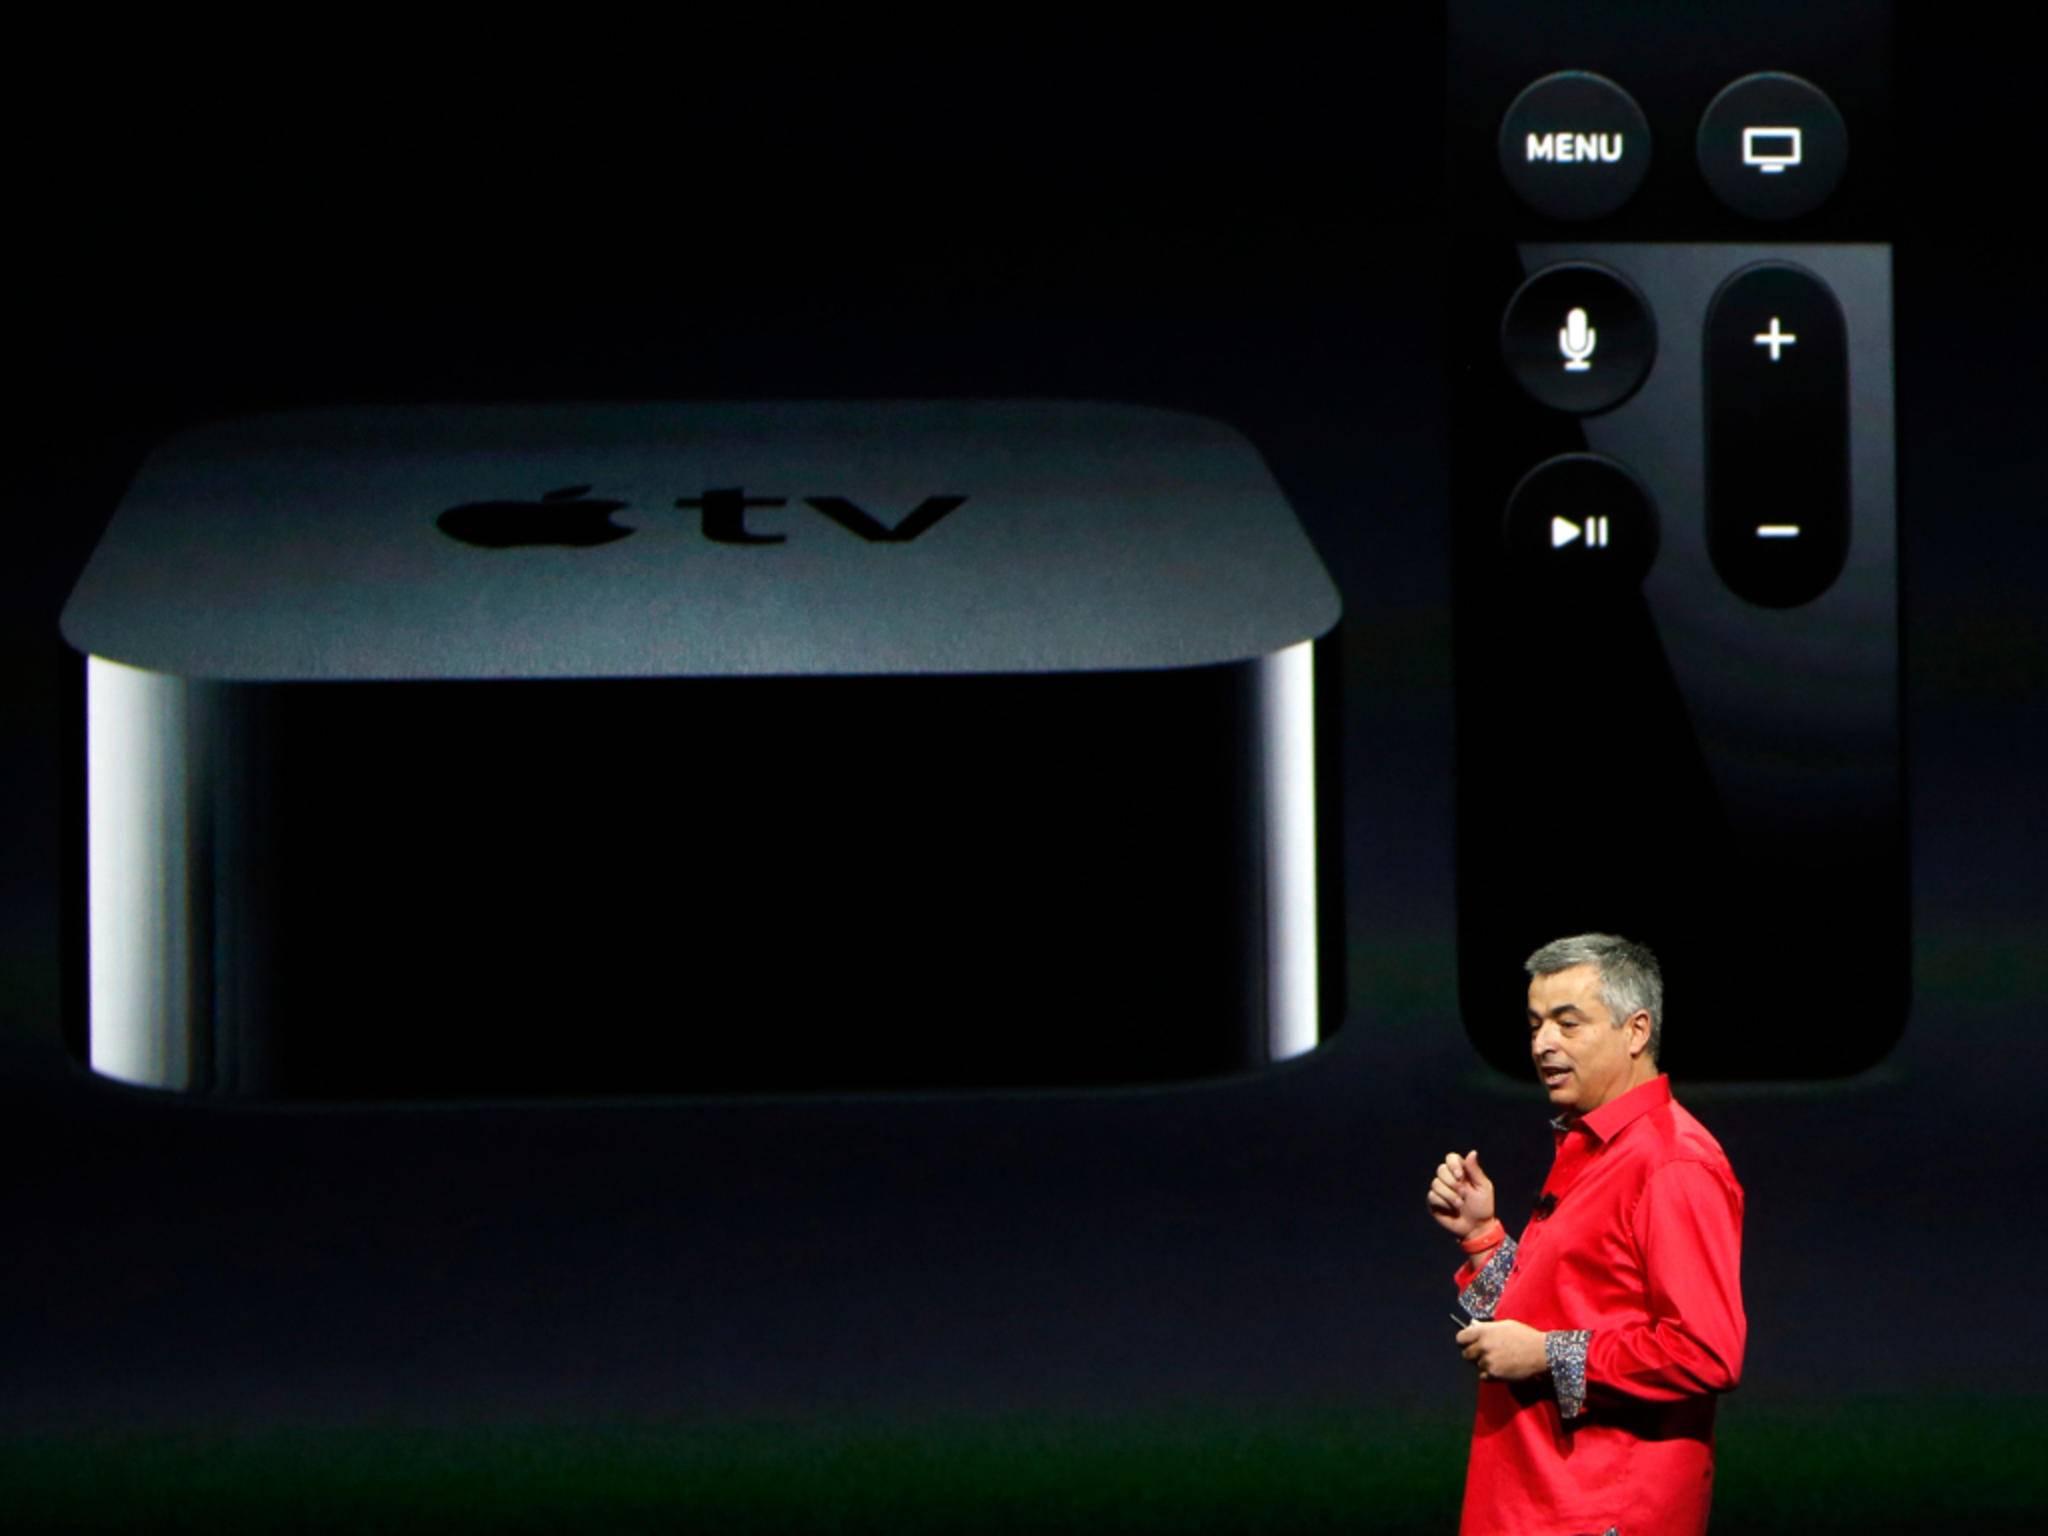 Rund zwei Monate nach der Vorstellung dürfte Apple TV 4 in den Handel kommen.